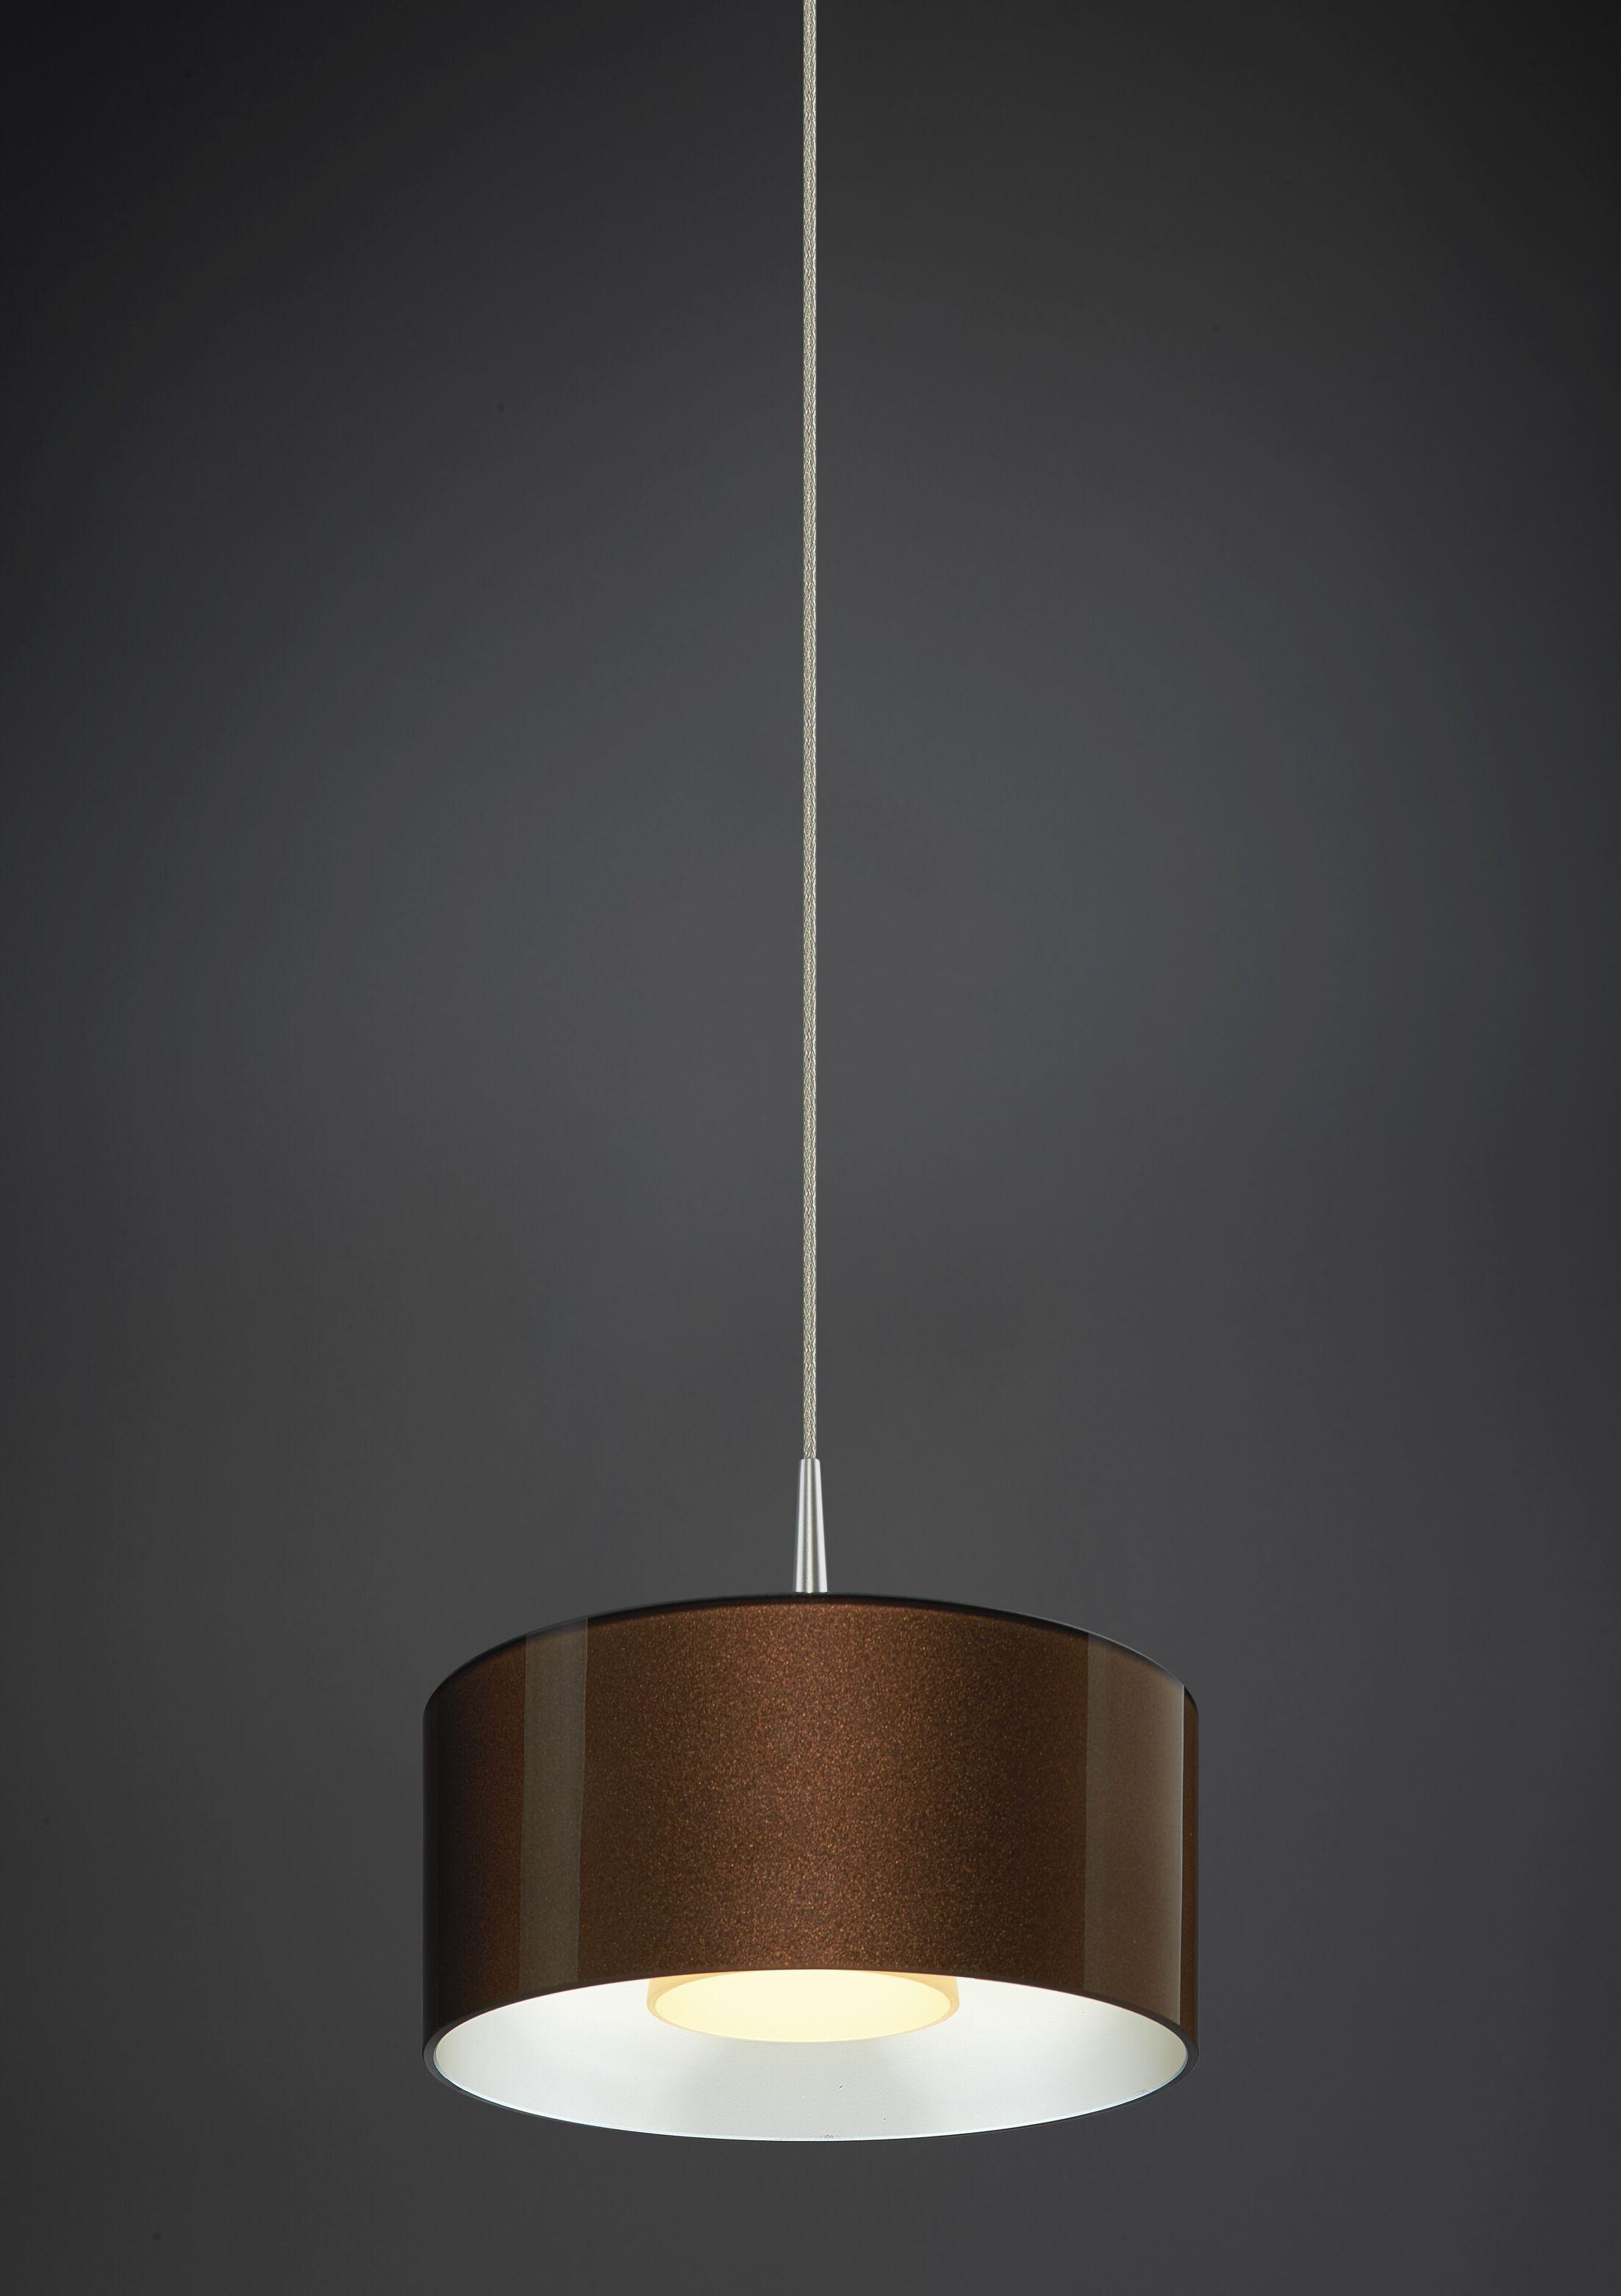 Jaggers 1-Light  LED  Pendant Finish: Matte Chrome